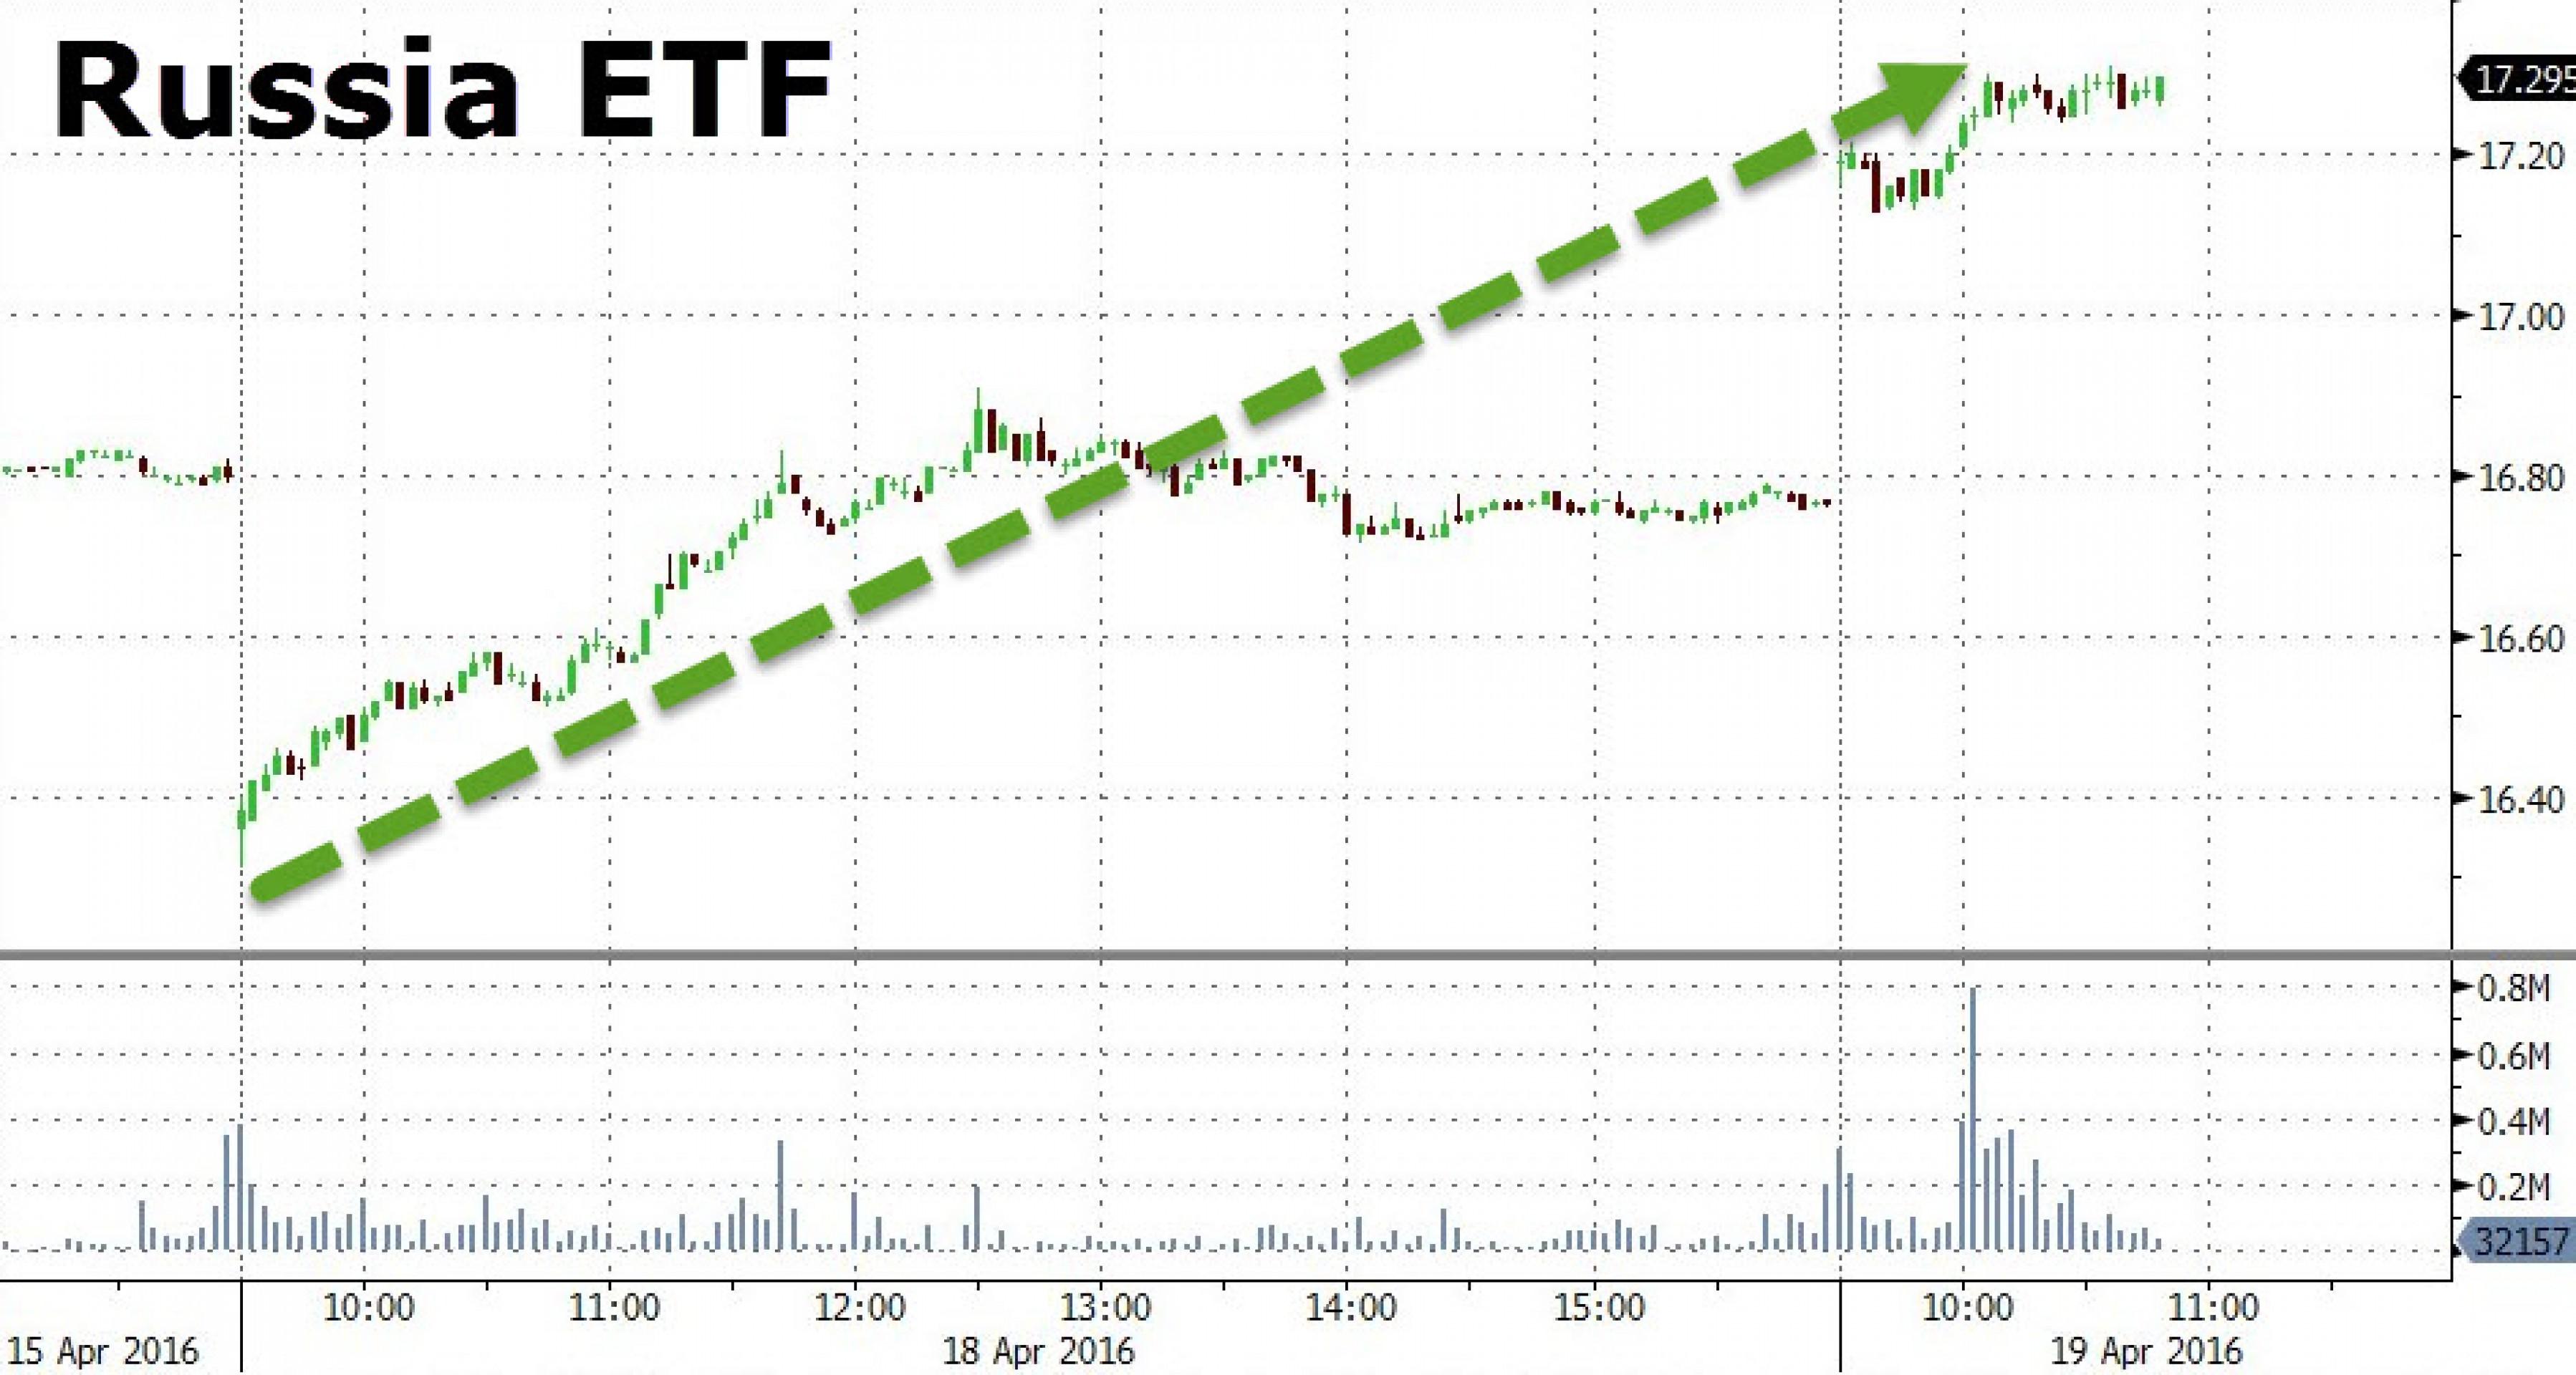 Рынок РФ: бурный рост и сильнейший отток средств